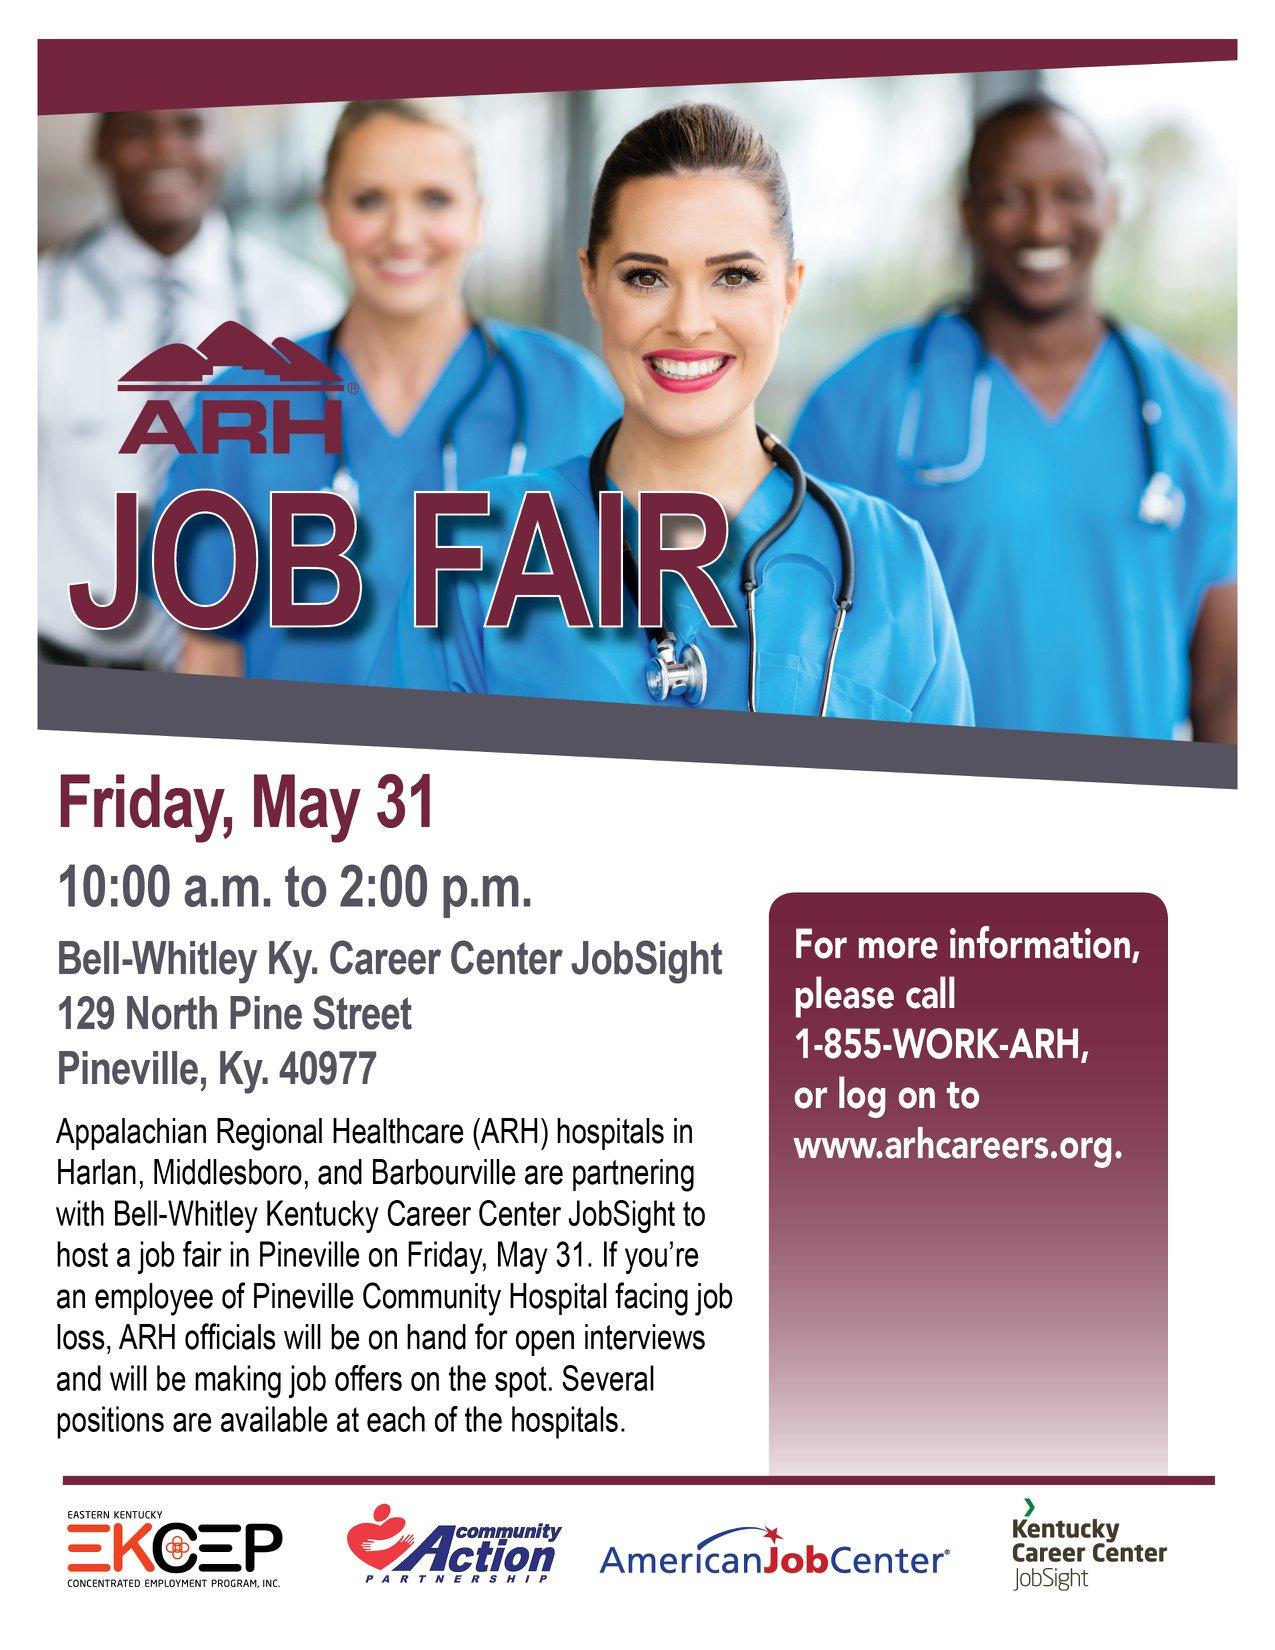 ARH Job Fair Pineville.jpg